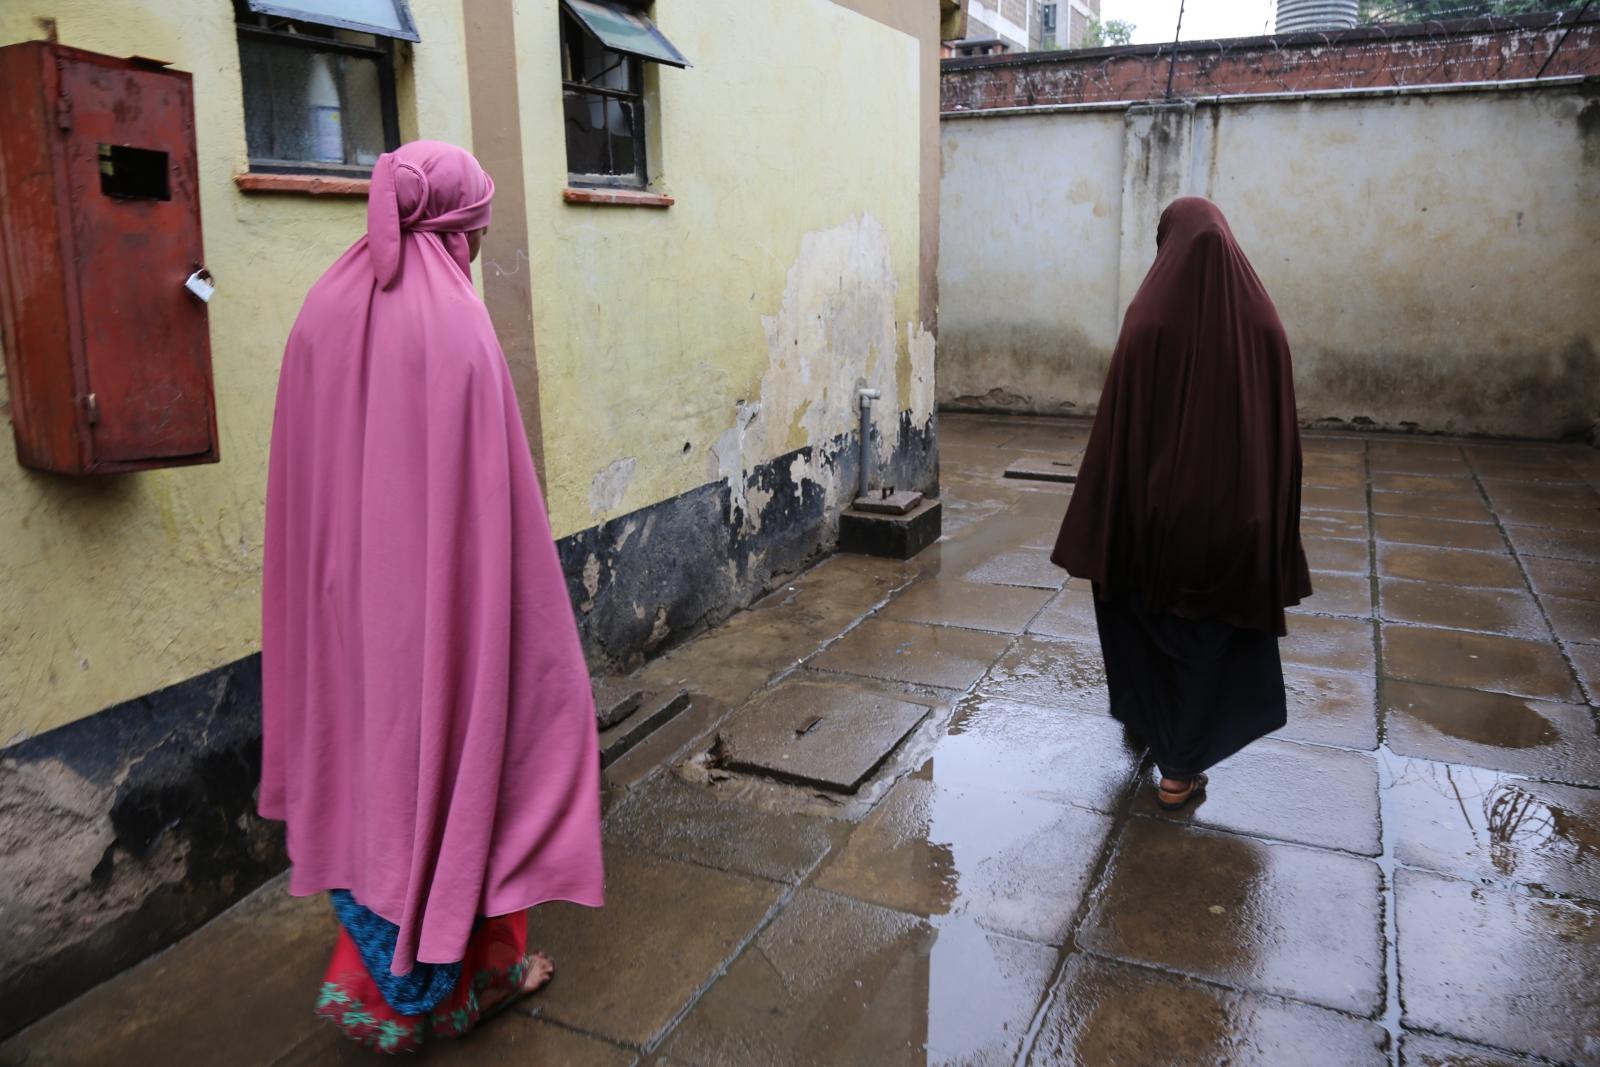 Somali girls in prostitution photo 694